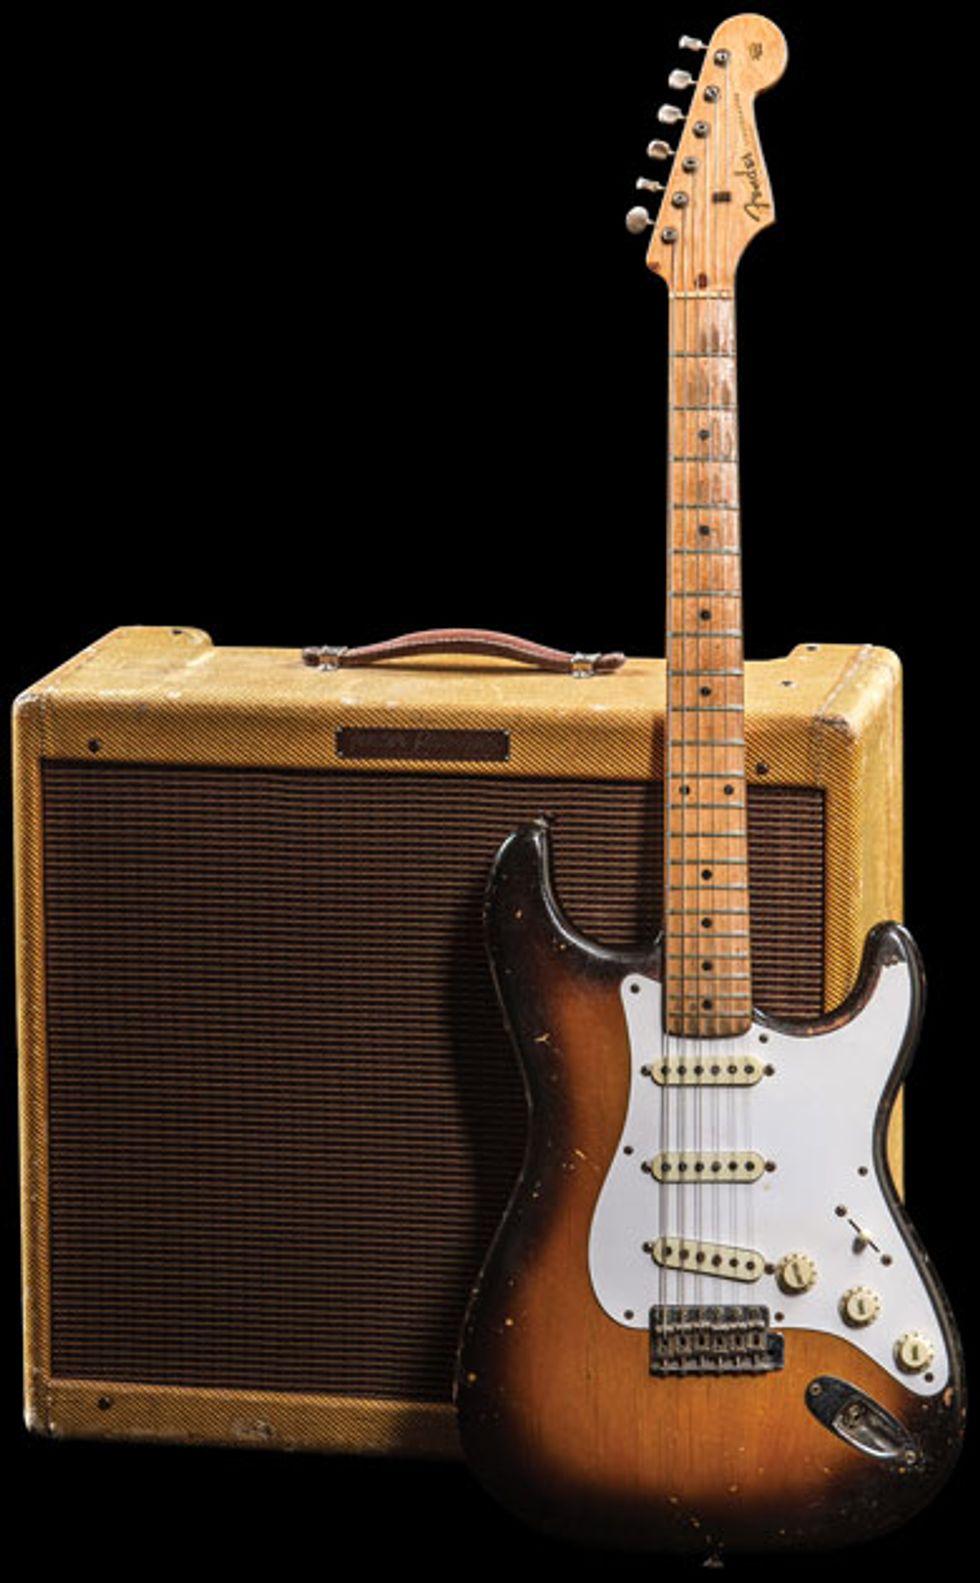 Vintage Vault: 1957 Fender Pro | Premier Guitar on